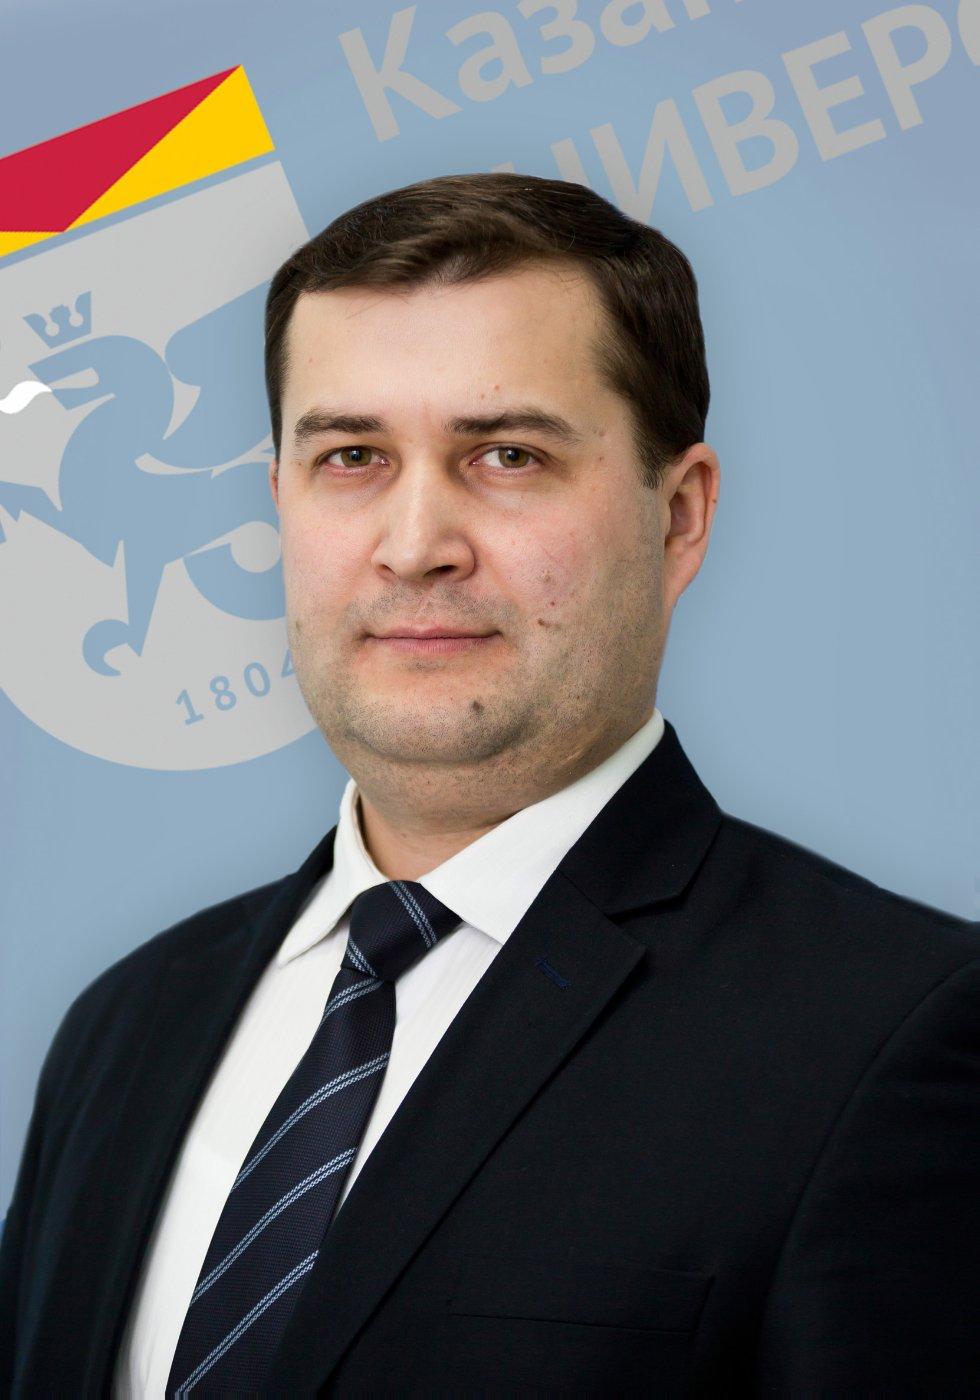 Шарипов Ильнур Зуфарович